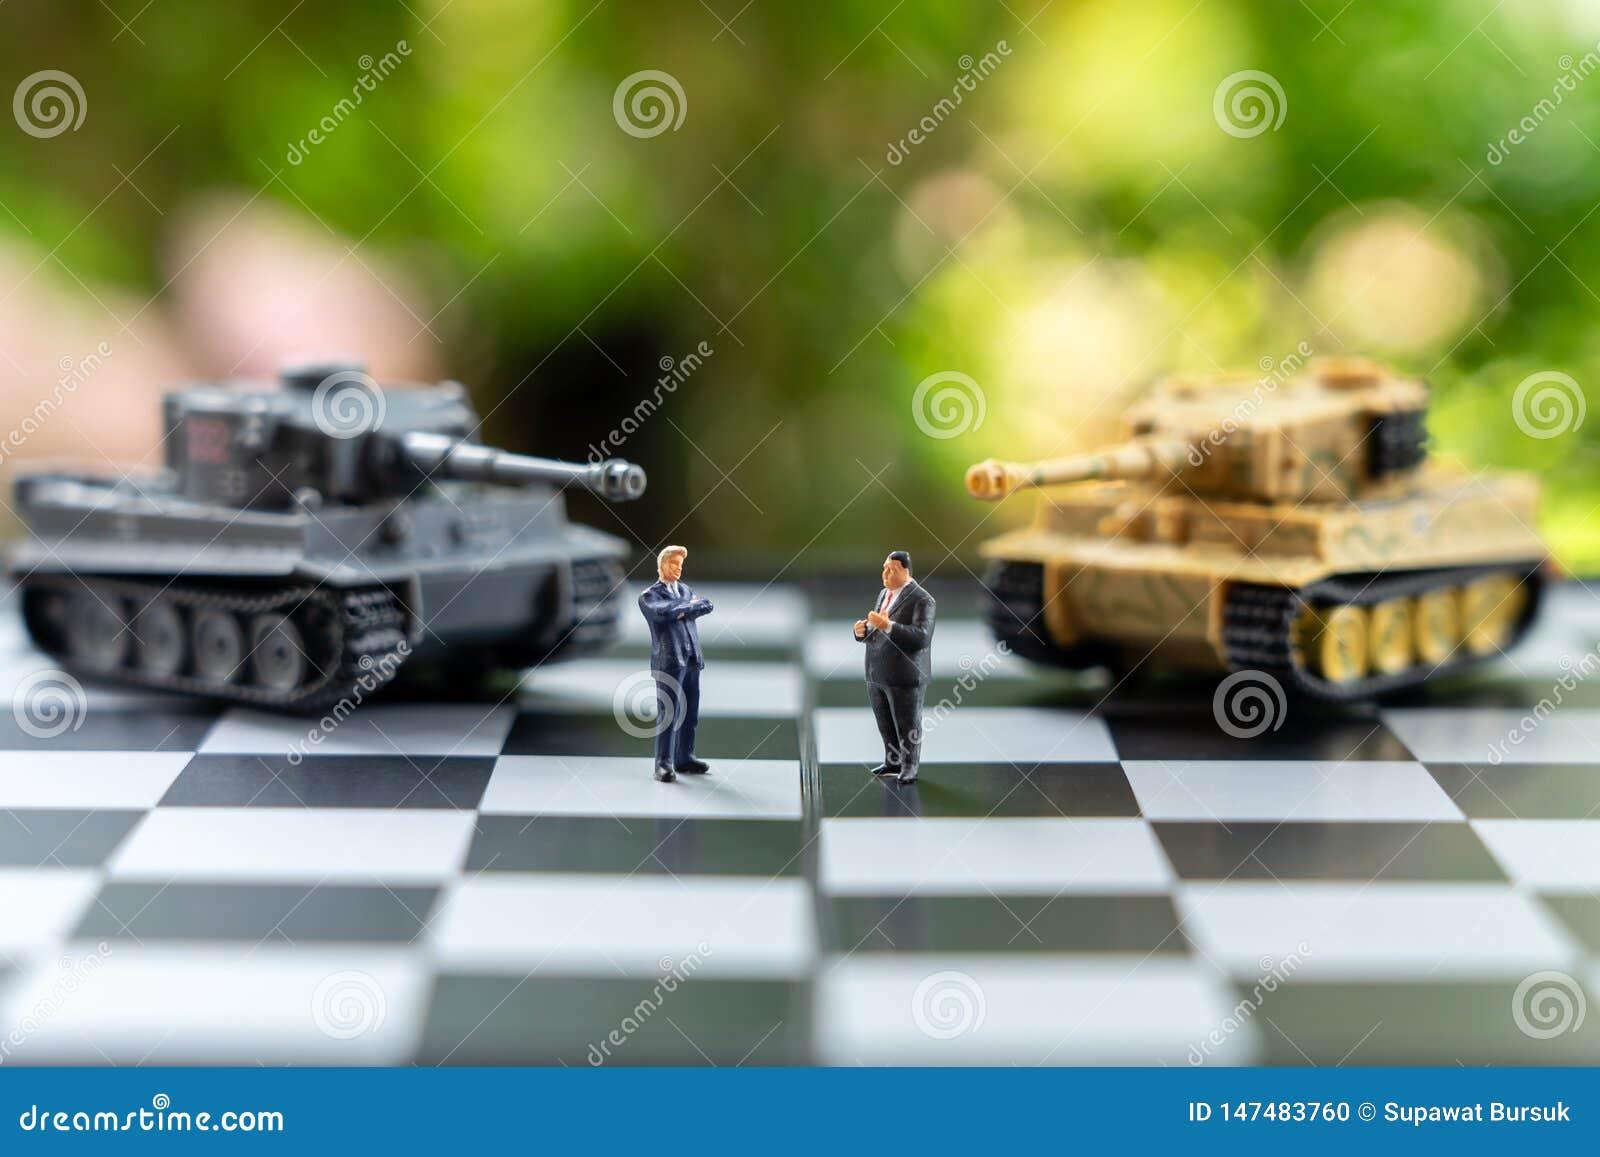 Οι μικροσκοπικοί επιχειρηματίες ανθρώπων που στέκονται σε μια σκακιέρα με μια δεξαμενή διαμορφώνουν σύμφωνα με την πίσω διαπραγμά